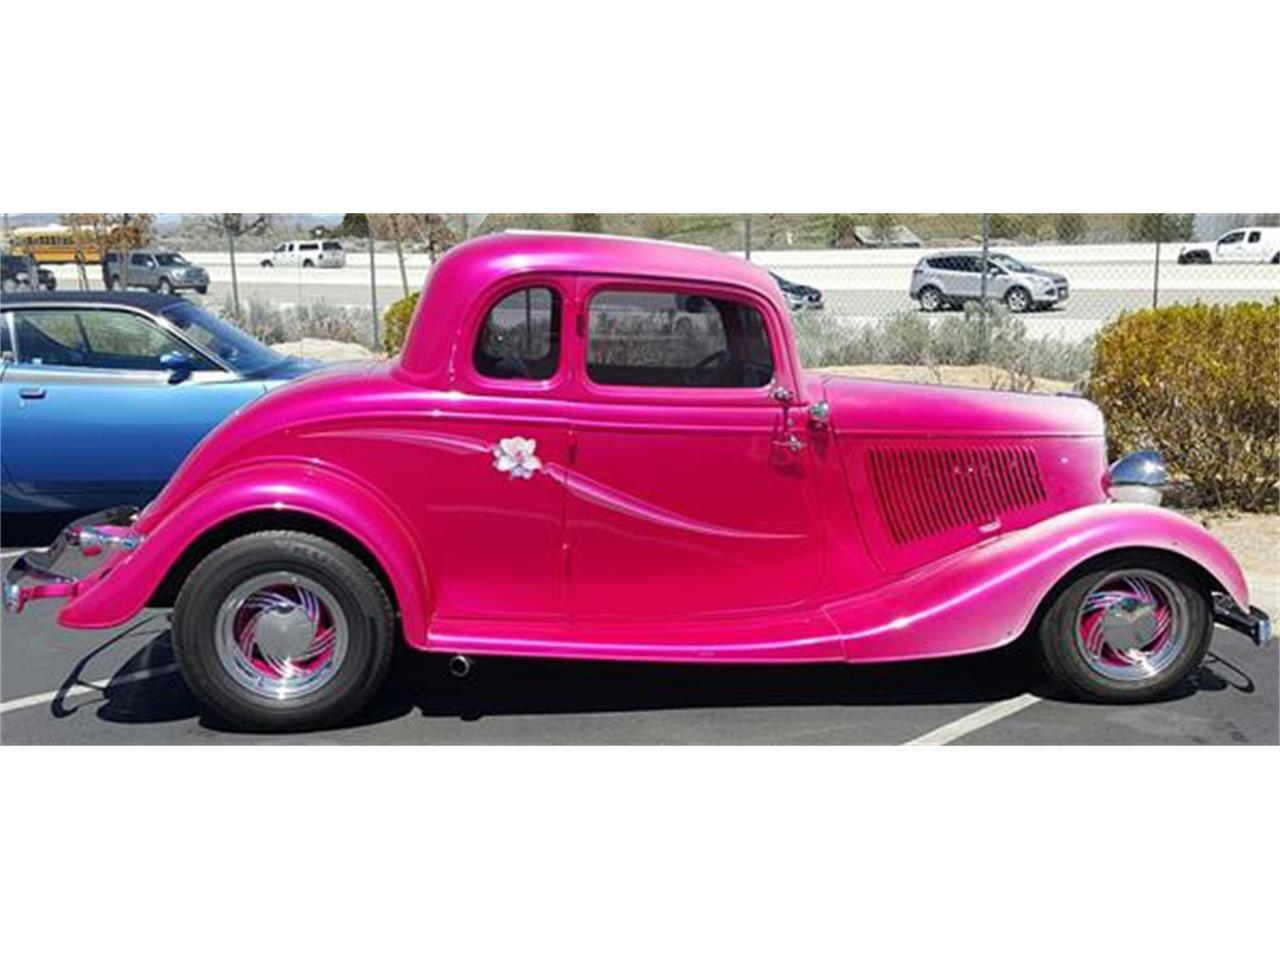 Fabulous 1933 Ford 5 Window Coupe For Sale Classiccars Com Cc 1013550 Spiritservingveterans Wood Chair Design Ideas Spiritservingveteransorg